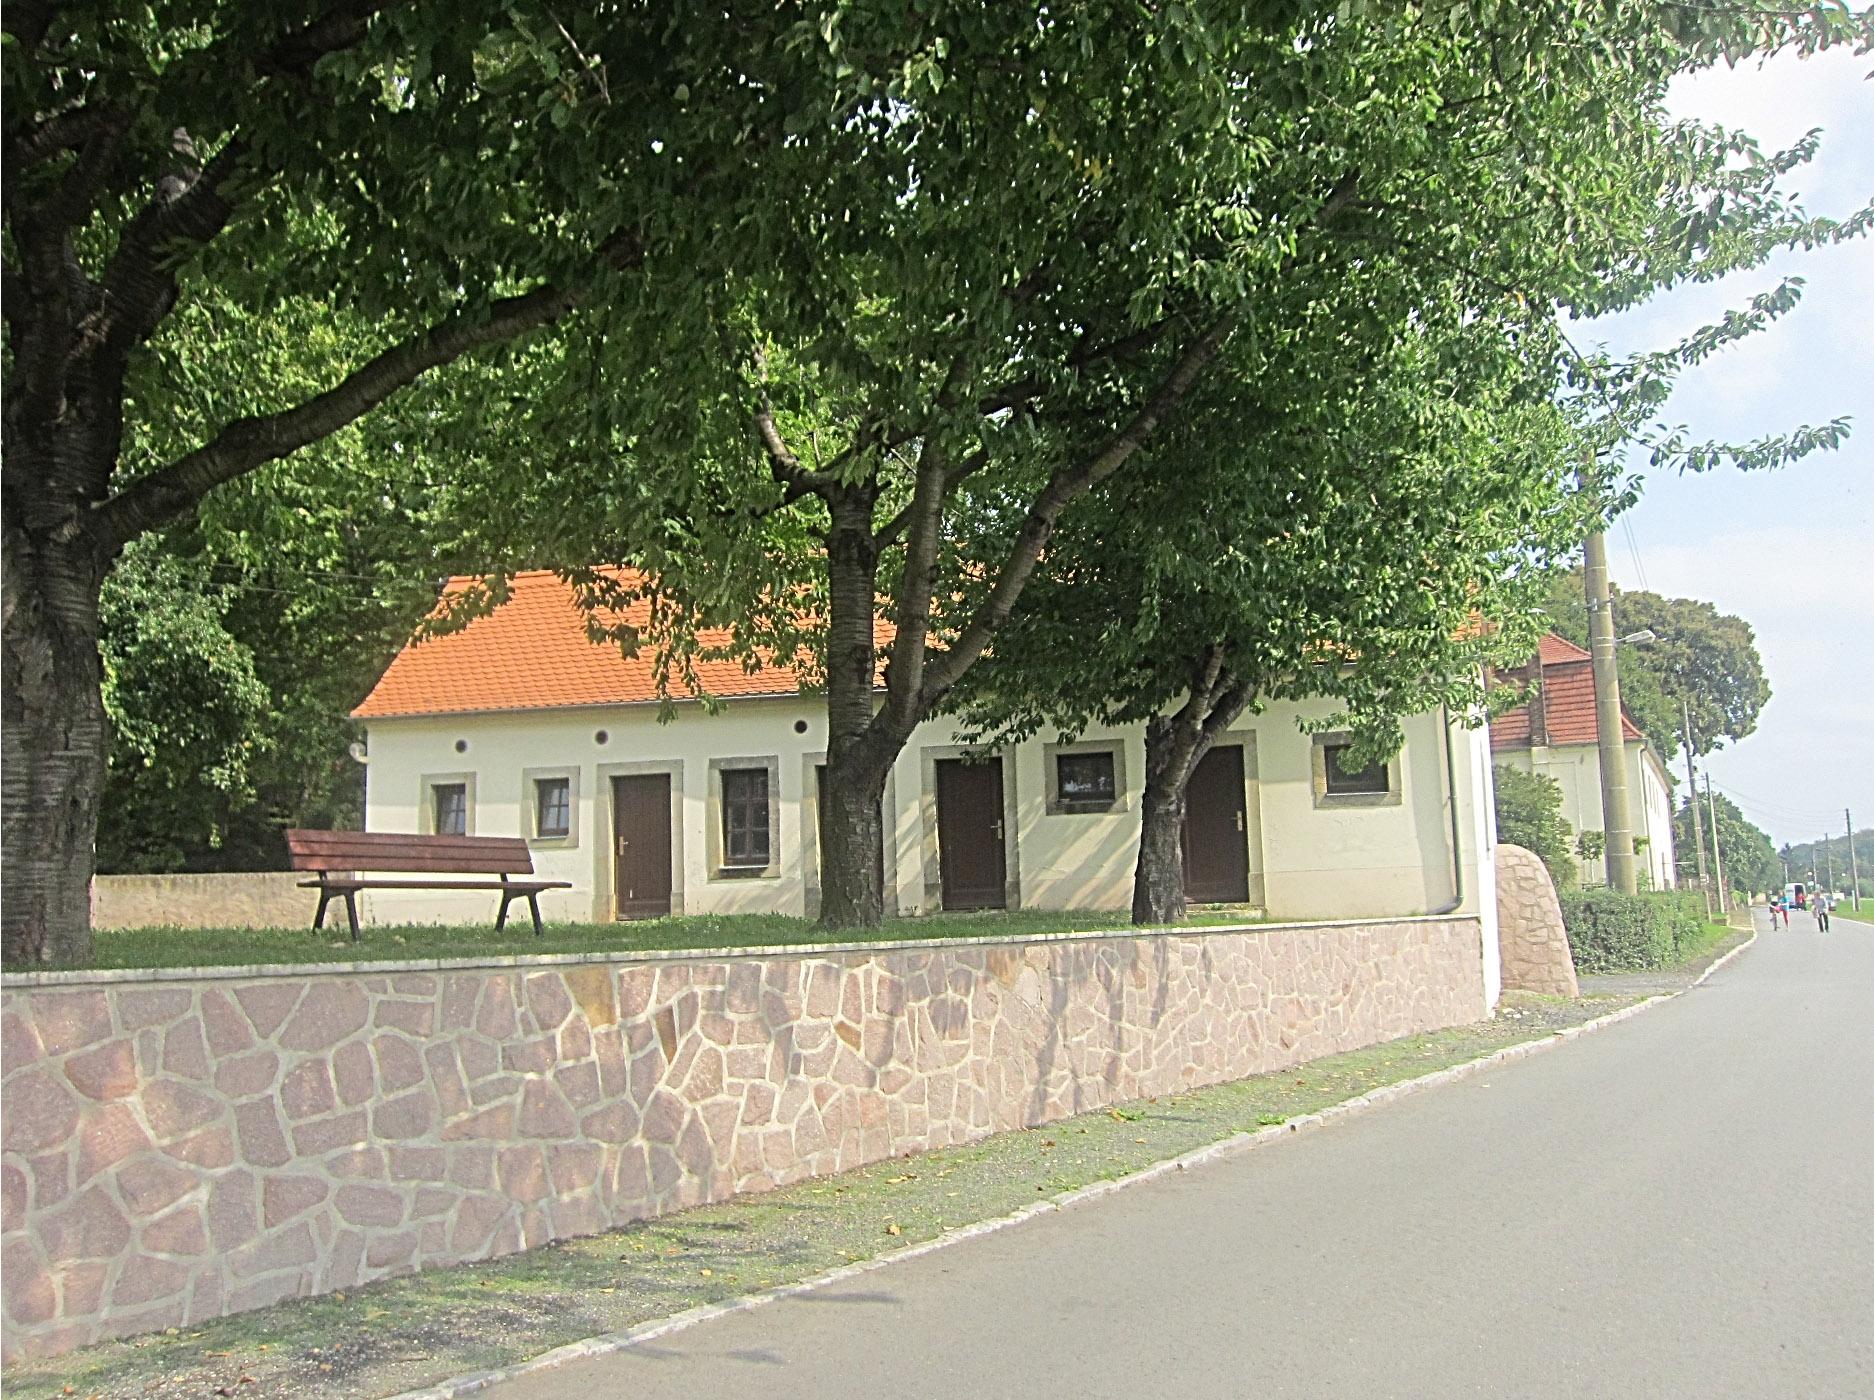 Lorenzkirch_01